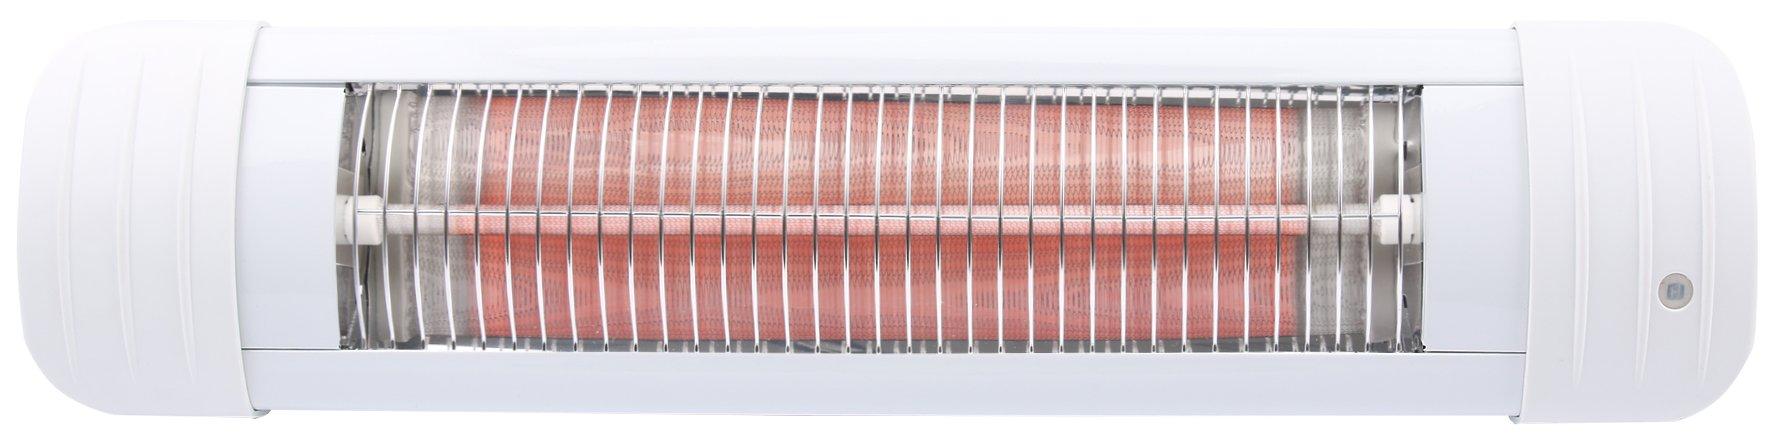 H+H BS 50 Heizstrahler Baby (mit Abschaltautomatik, Wandmontage, Tropfwassergeschützt, Geräuschlos, Wärmelampe für Wickeltisch, Babystrahler mit Zugschalter für Wickelkommode) product image